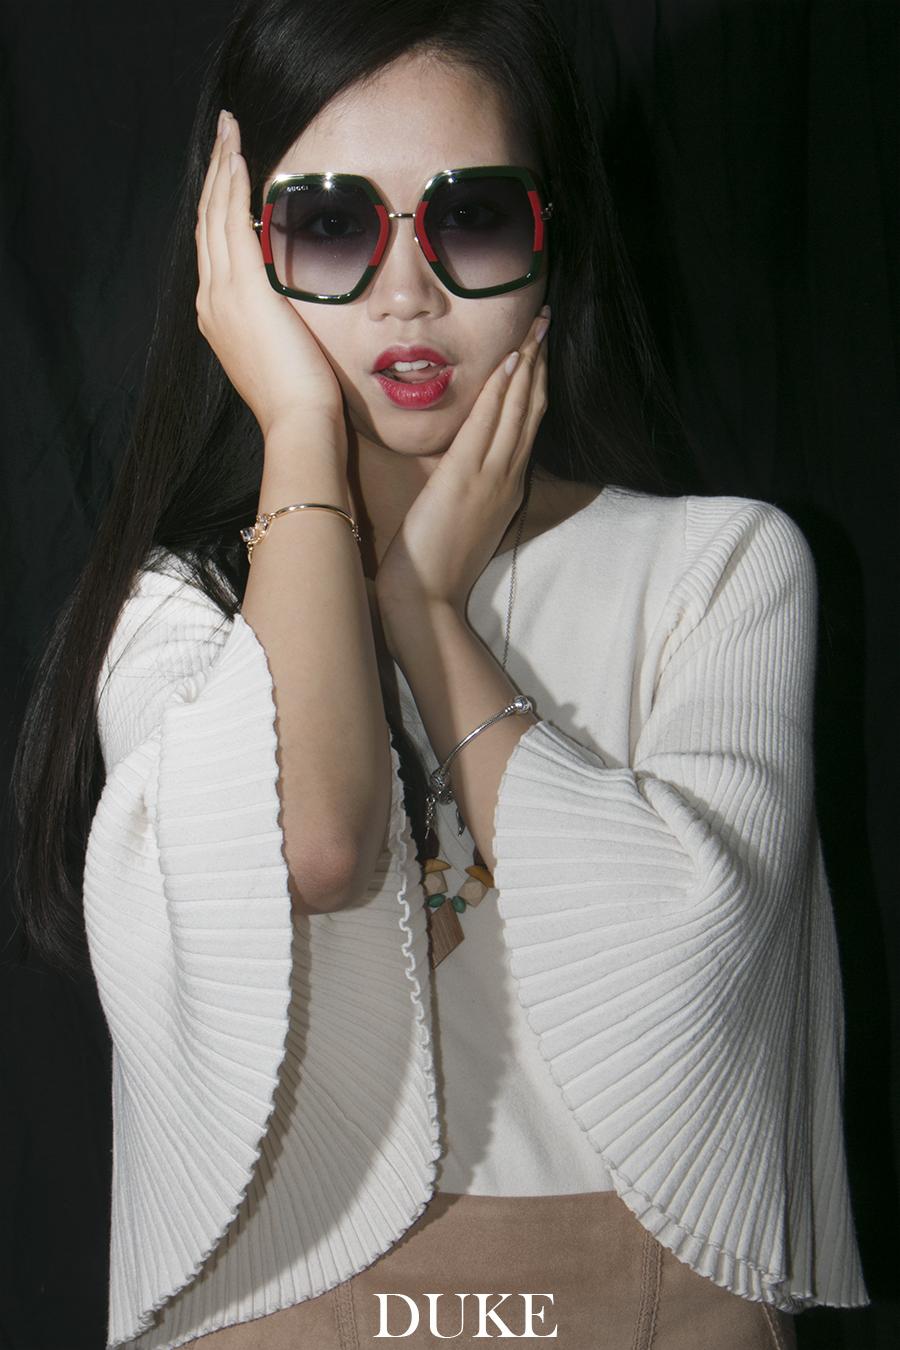 Xiaonan_Chen_fashion_photography_branding_bell_sleeves_DUKE 9